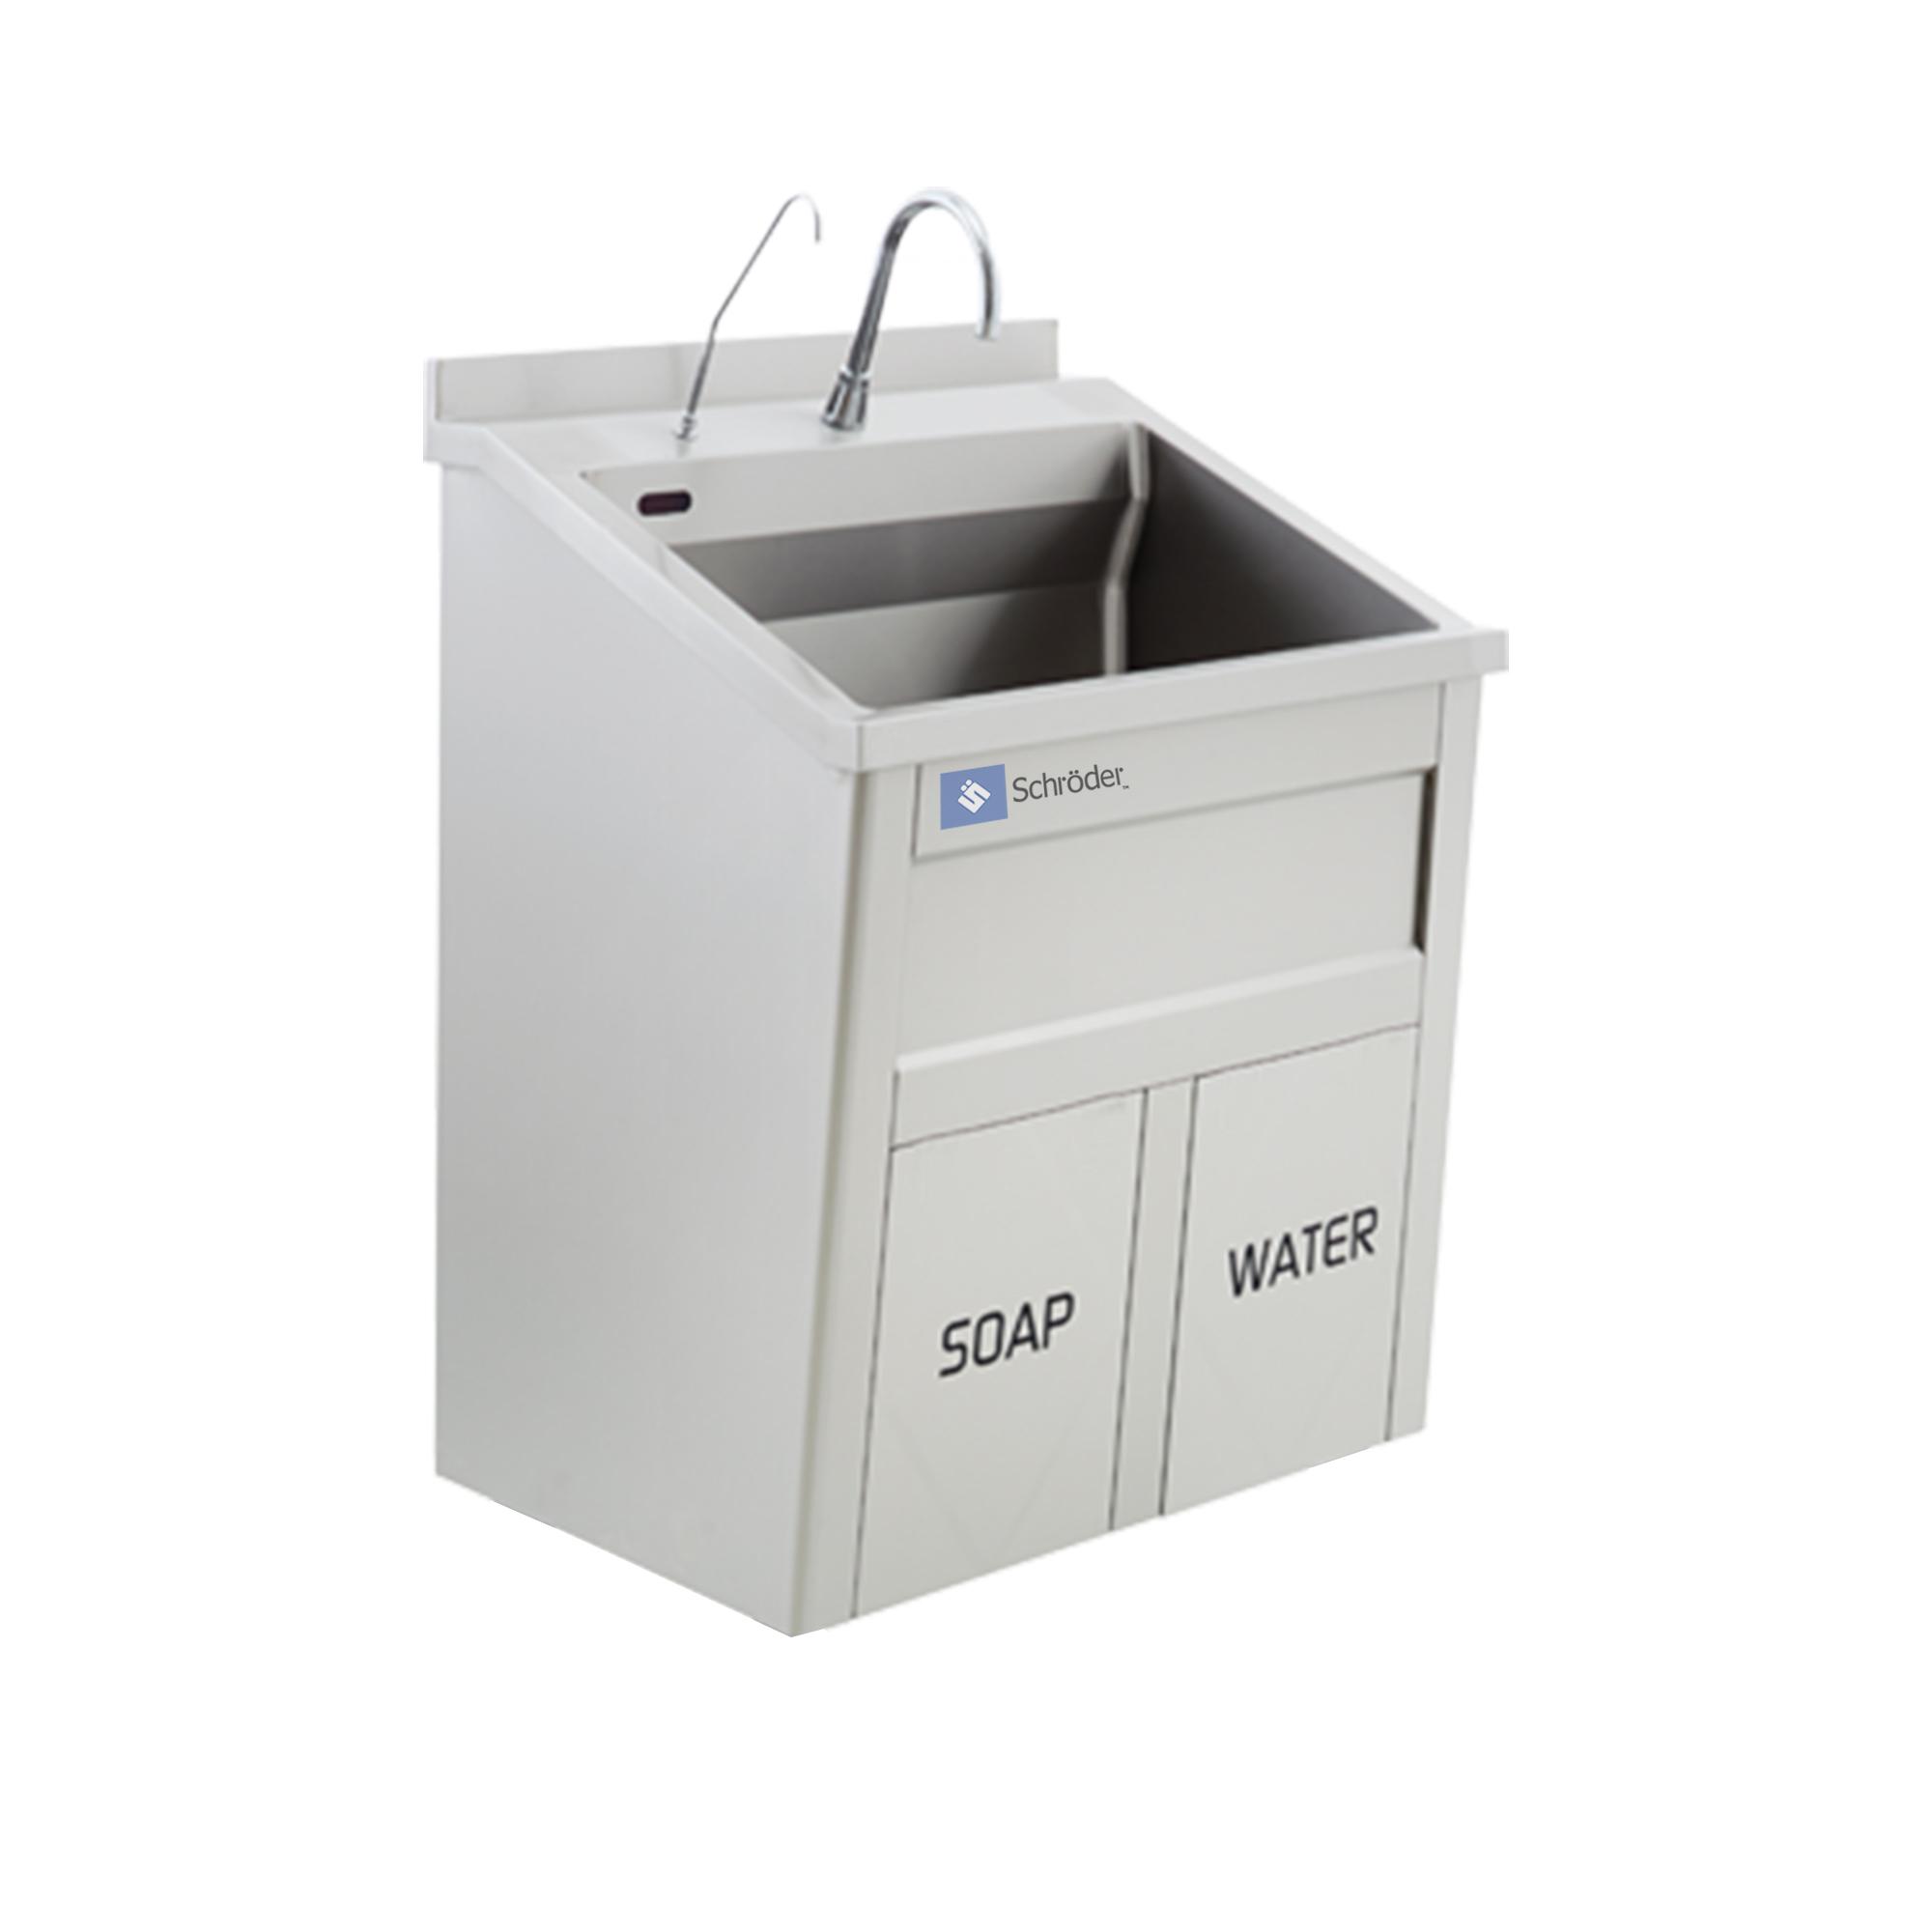 Single Bay Scrub Sink